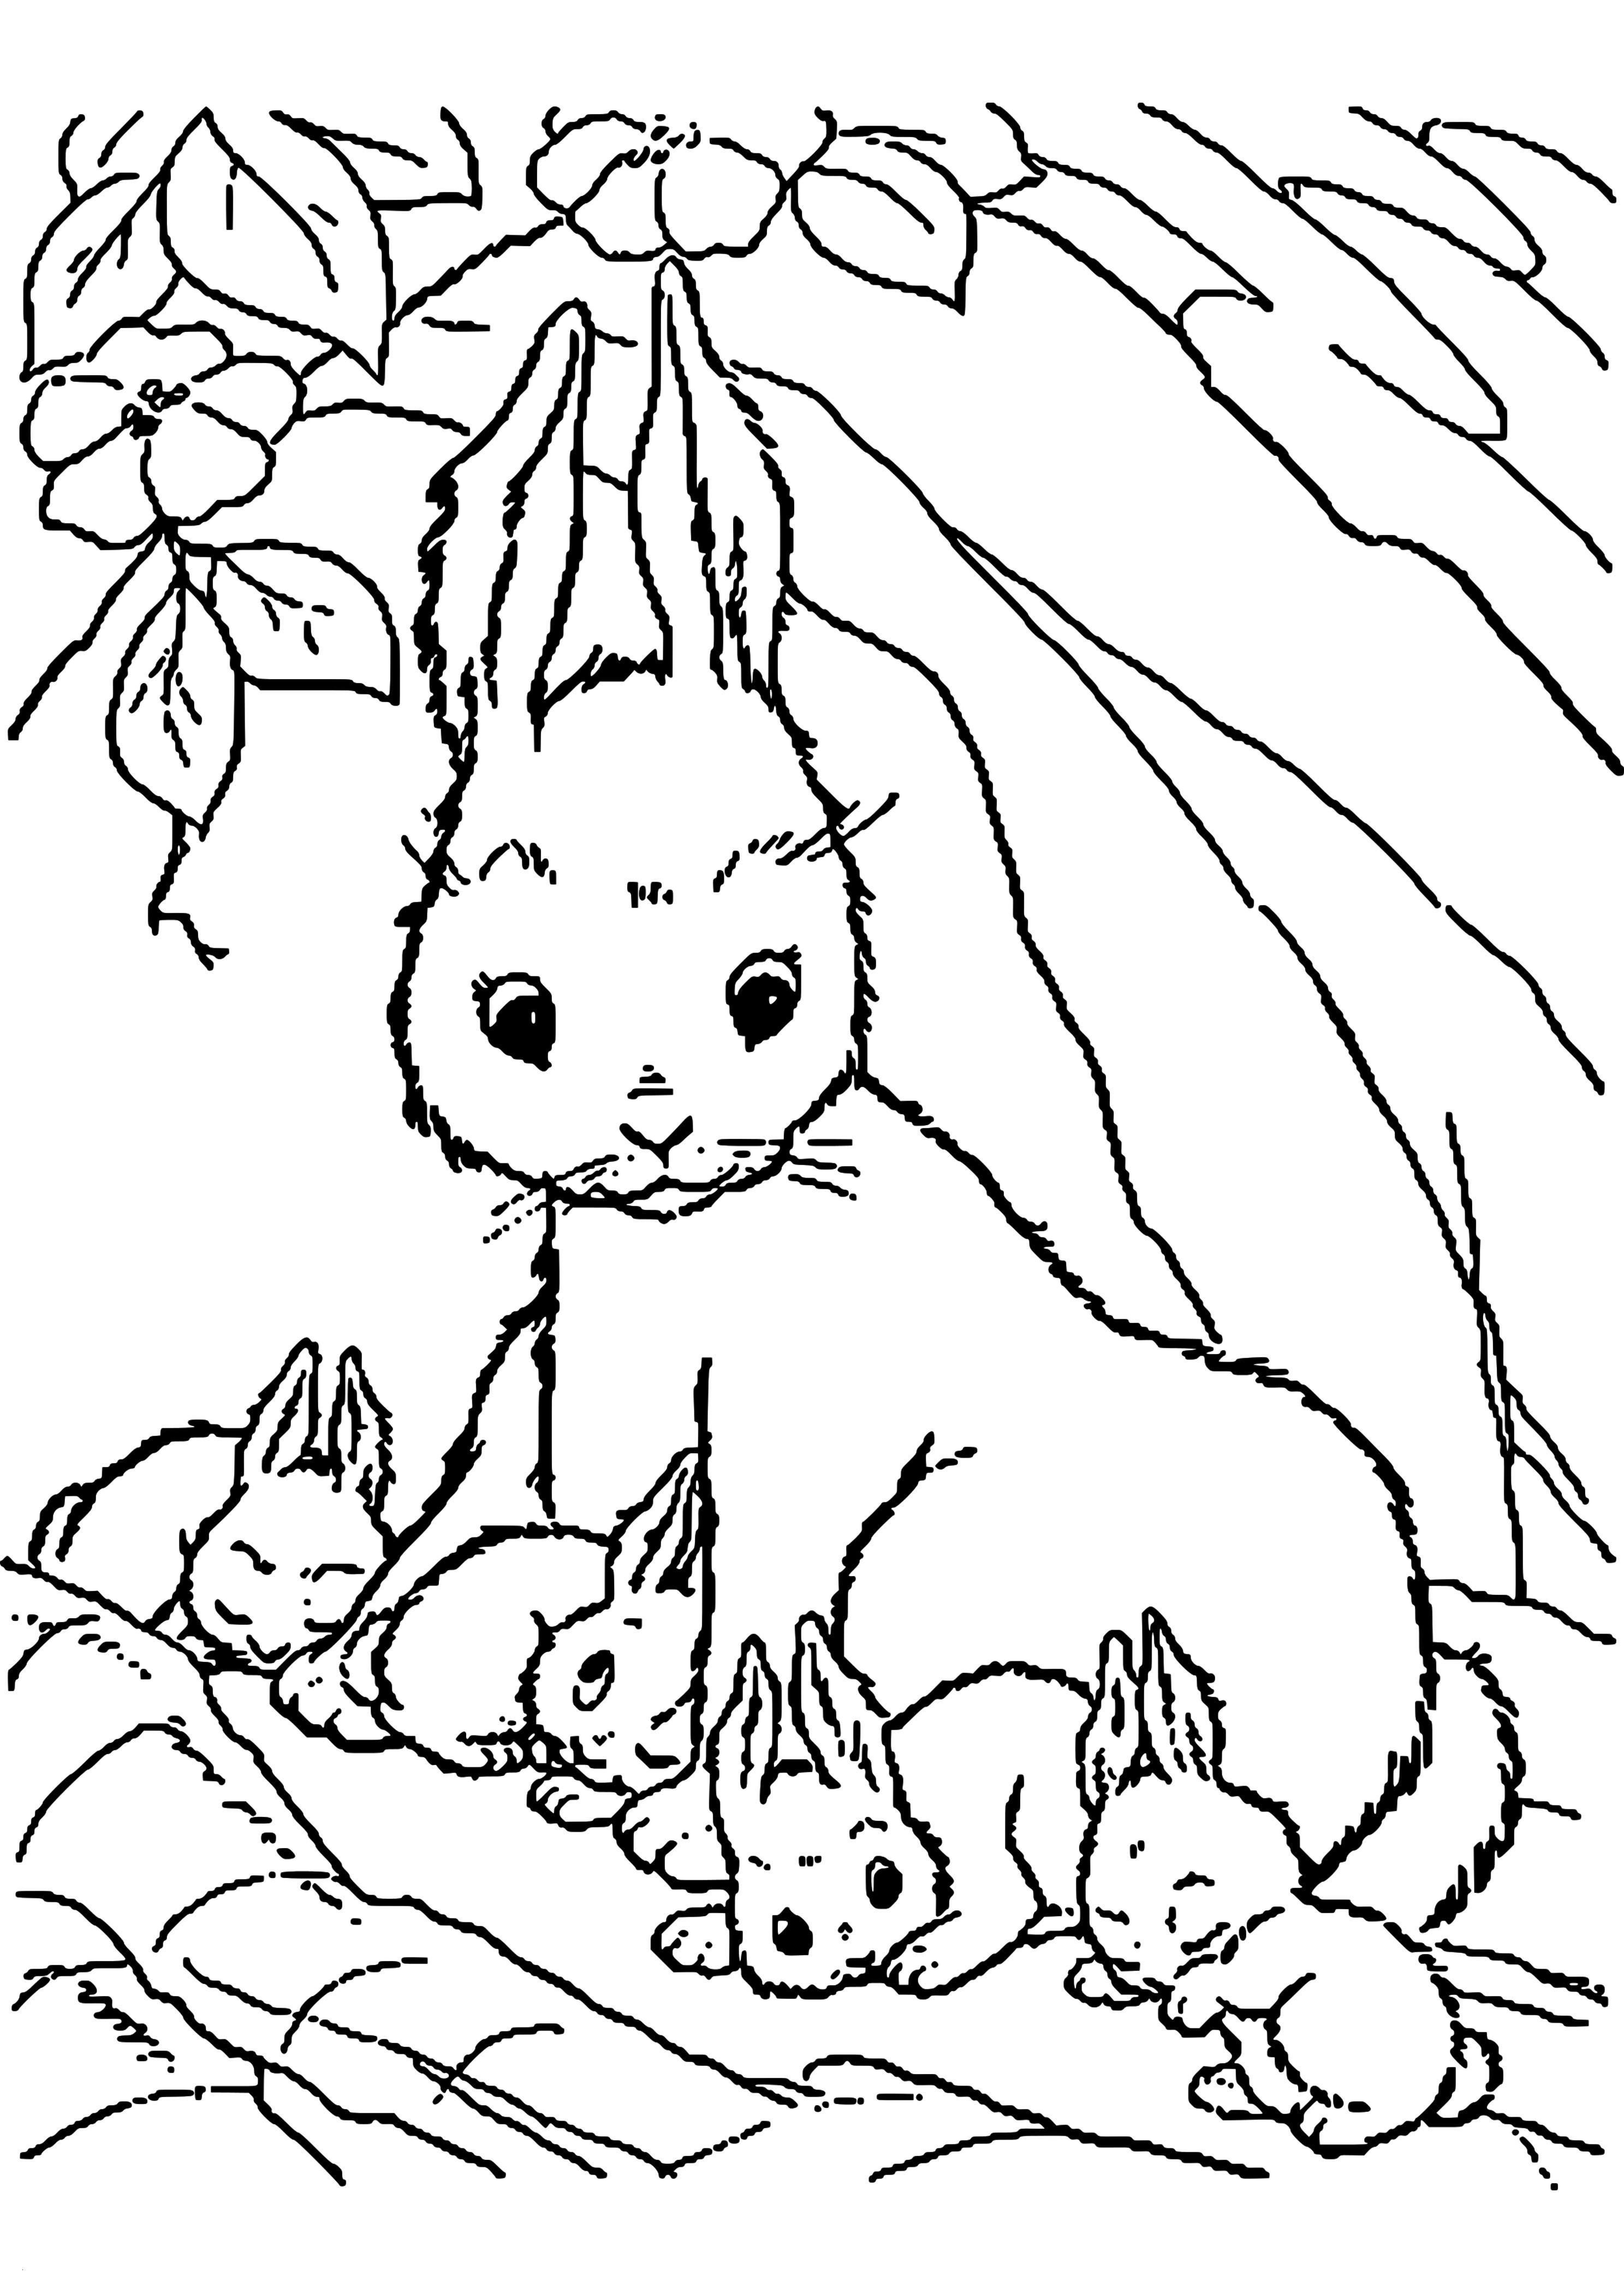 Ausmalbilder Baby Tiere Inspirierend 30 Baby Tiere Ausmalbilder forstergallery Das Bild